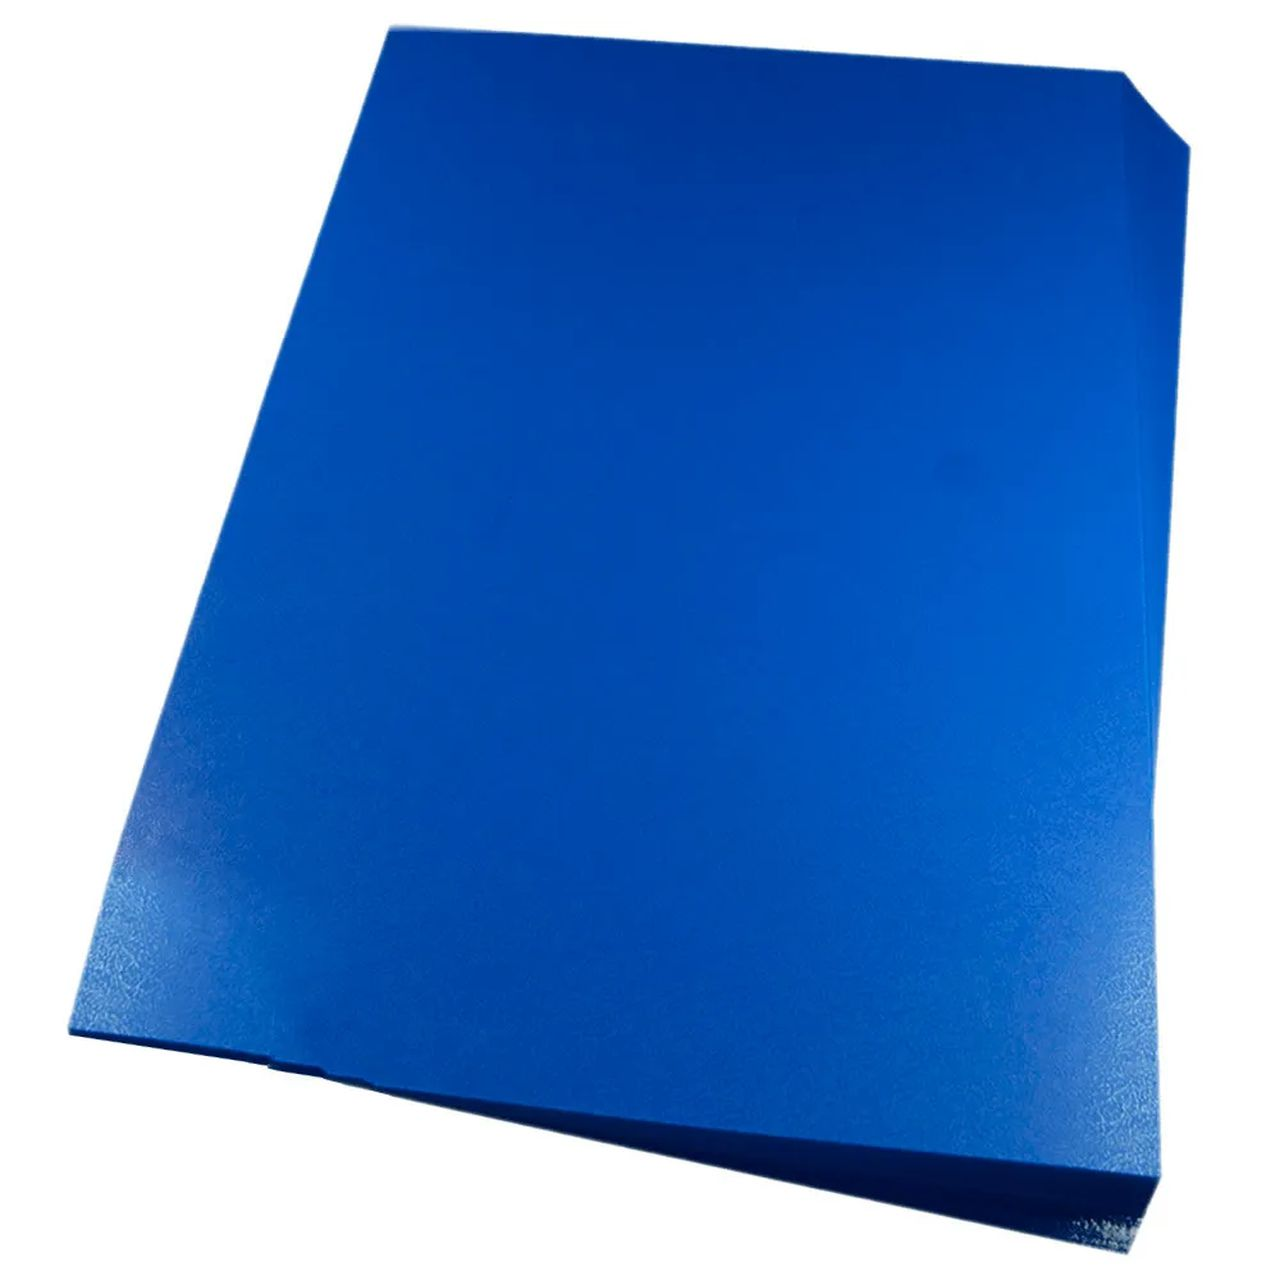 Capas para Encadernação Azul Tamanho A4 0,28 de PVC